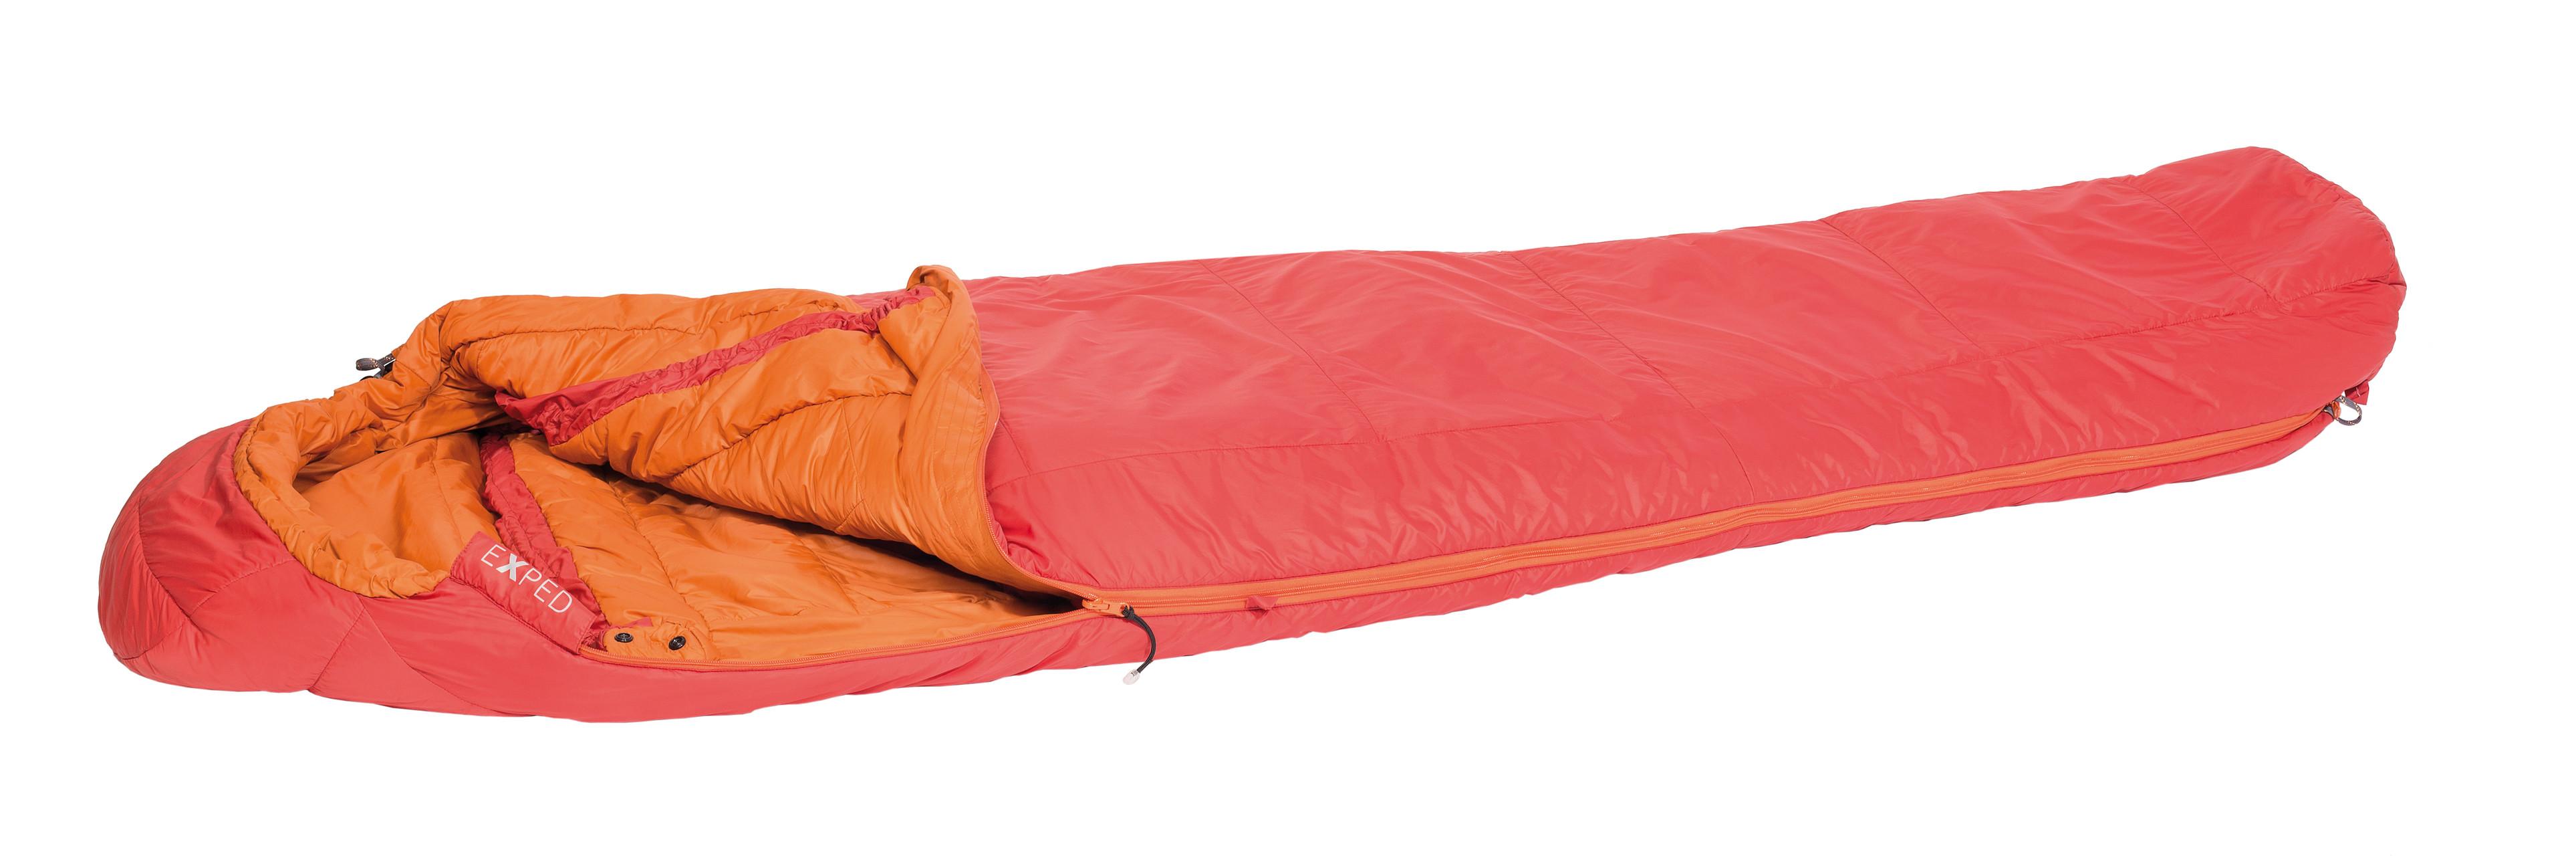 synthetisch gefüllte Schlafsäcke